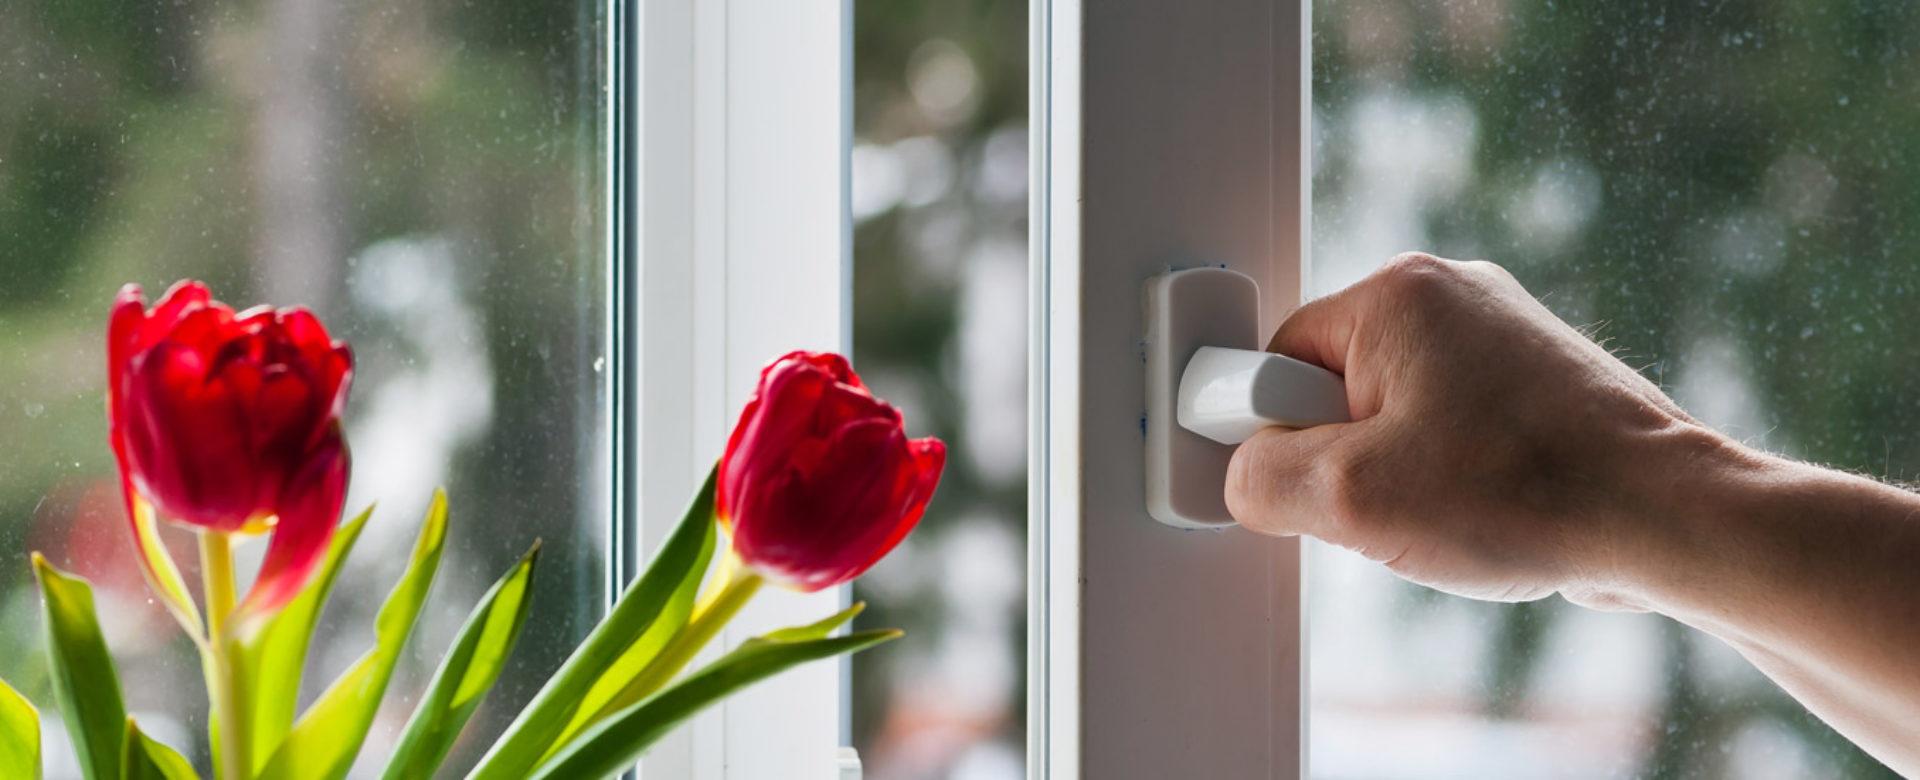 با پنجره های نو بهار مهمان خانه شما می شود